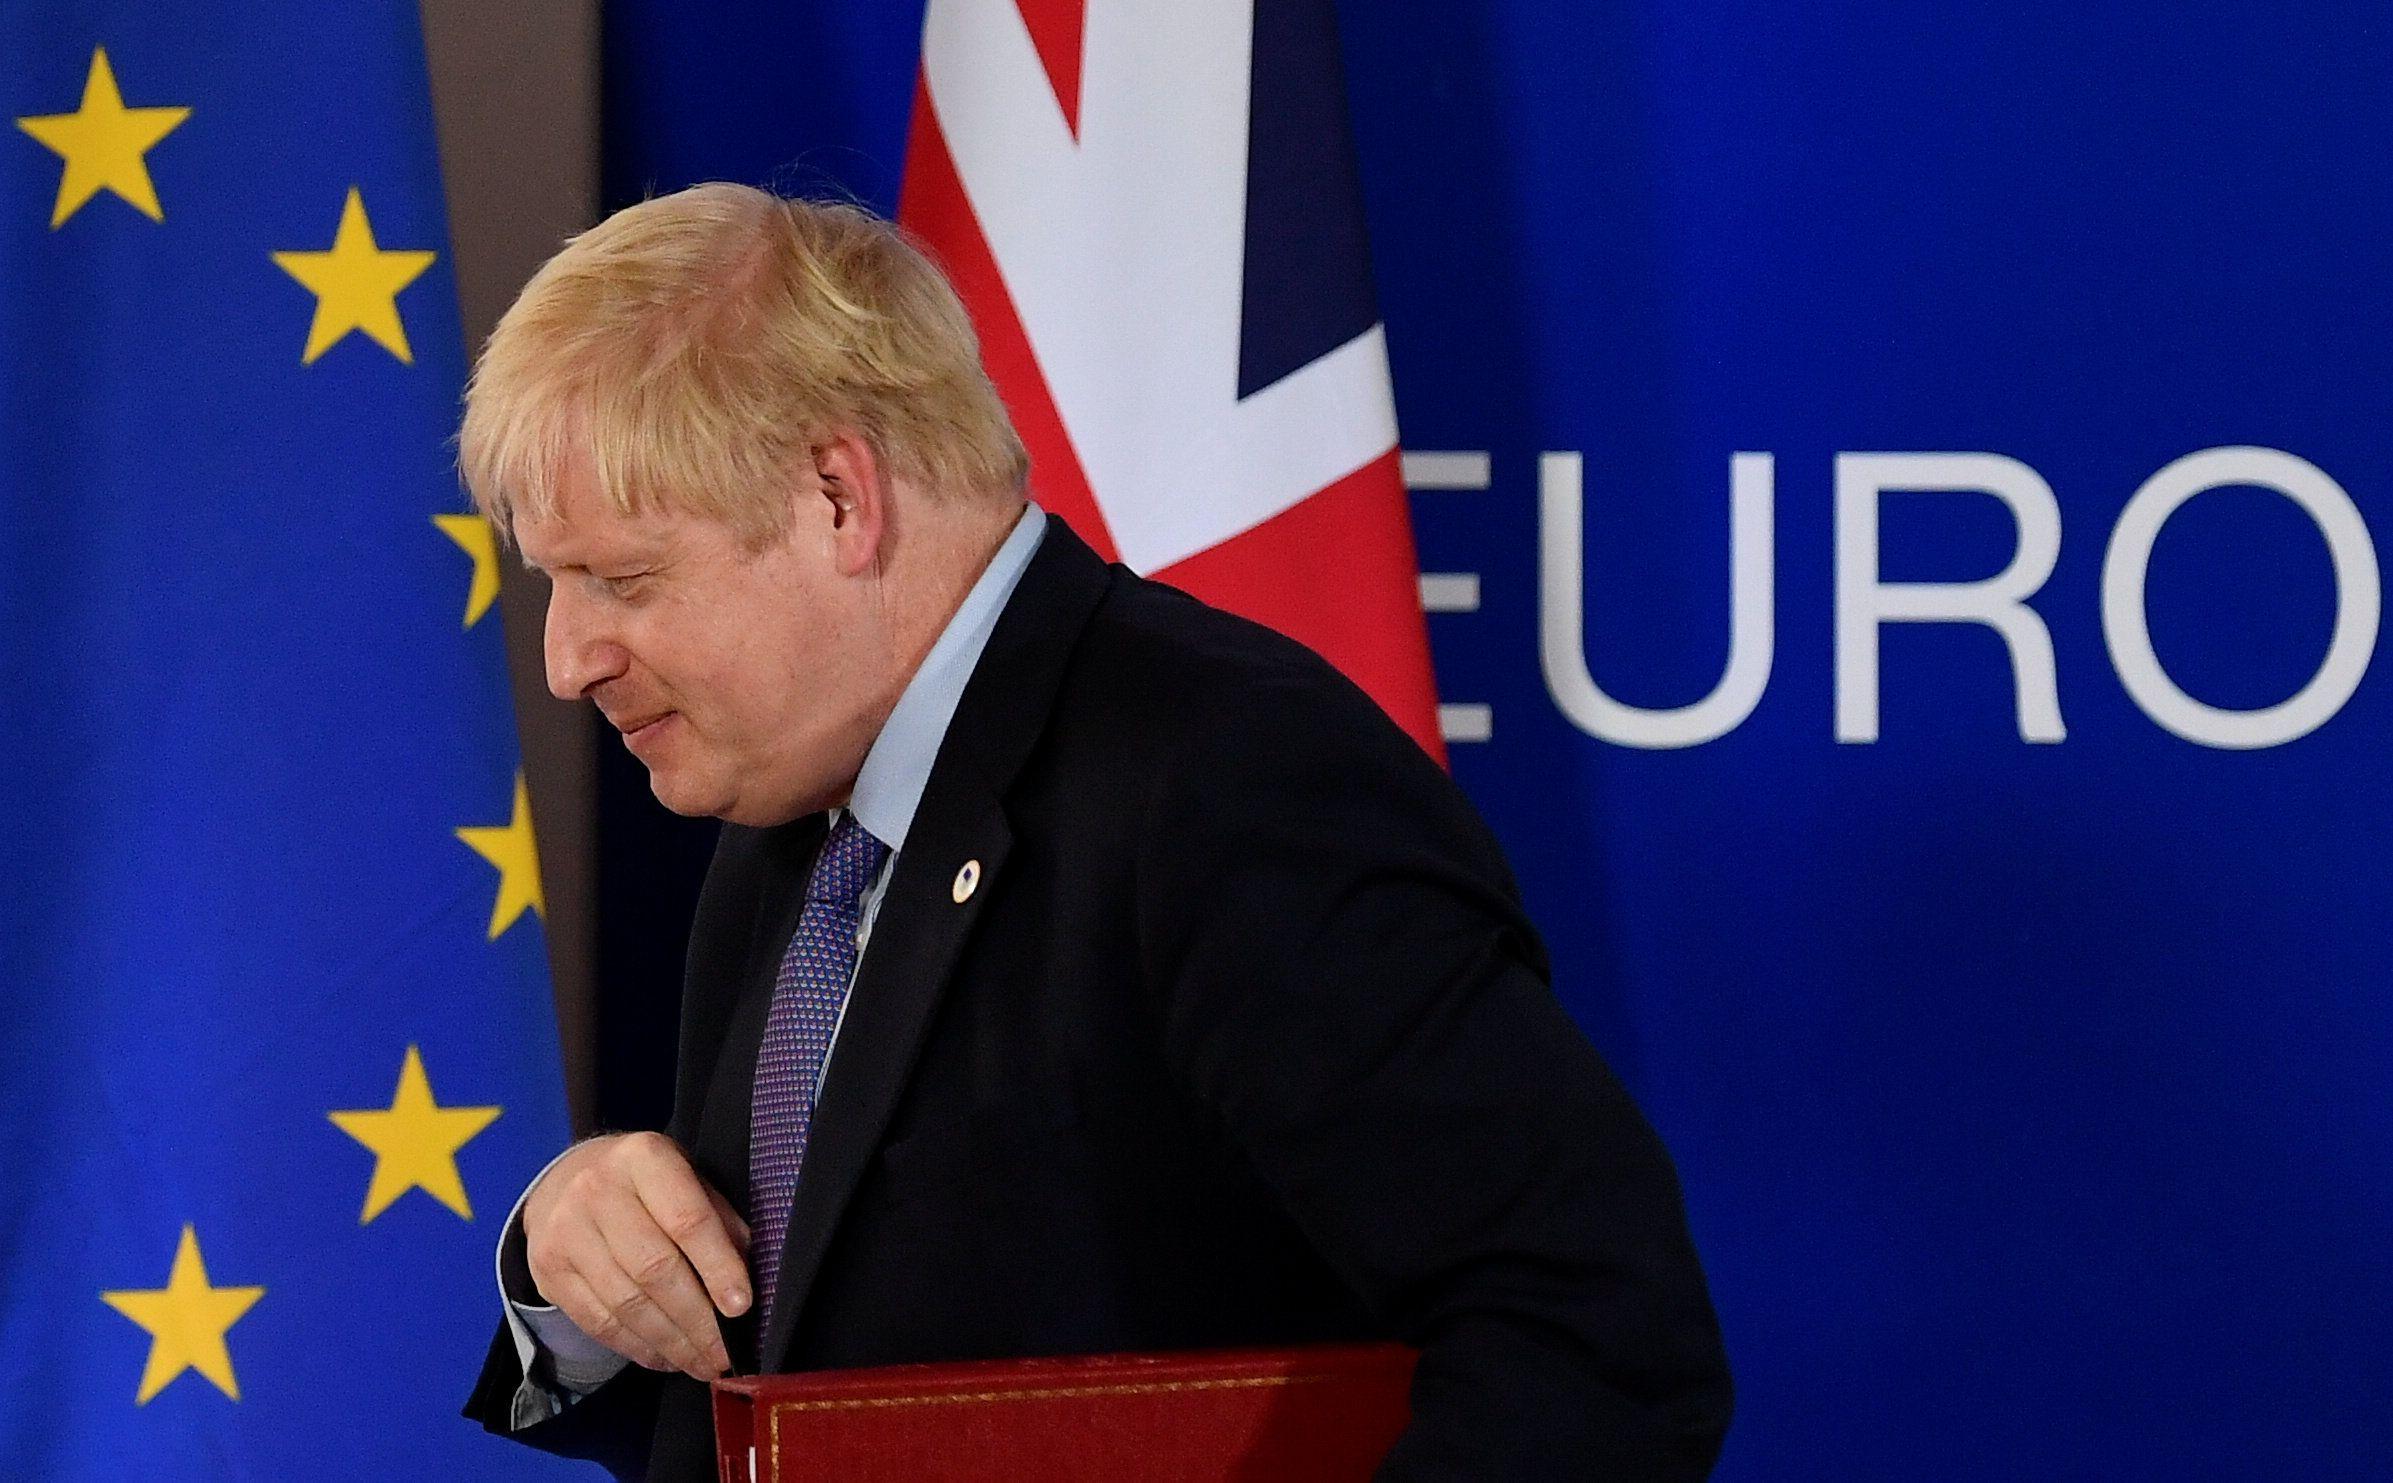 The Saturday showdown for Brexit